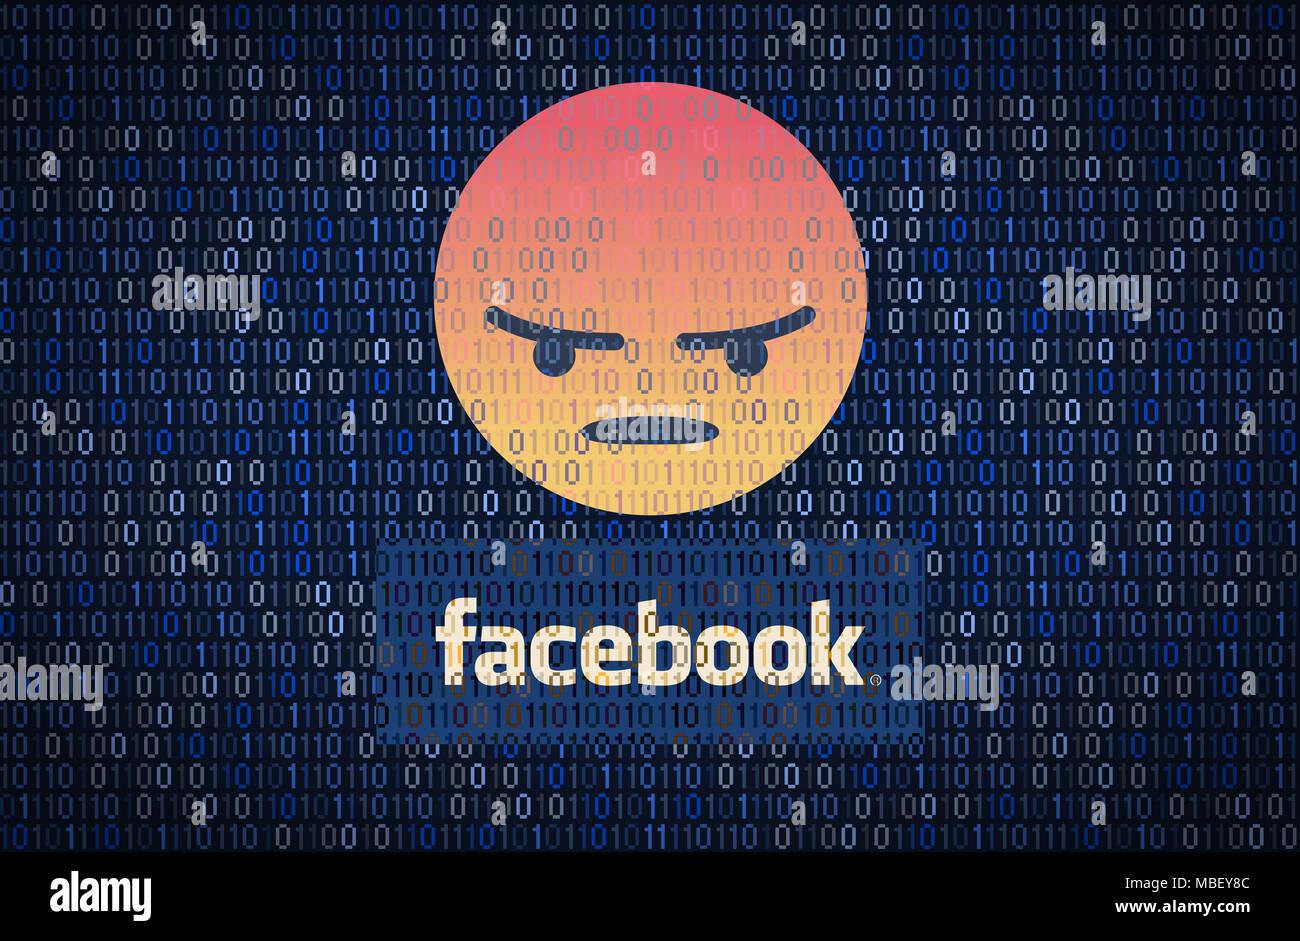 GALATI, Roumanie - 10 avril 2018: Facebook la sécurité des données et de la vie privée. Cryptage de données concept Photo Stock